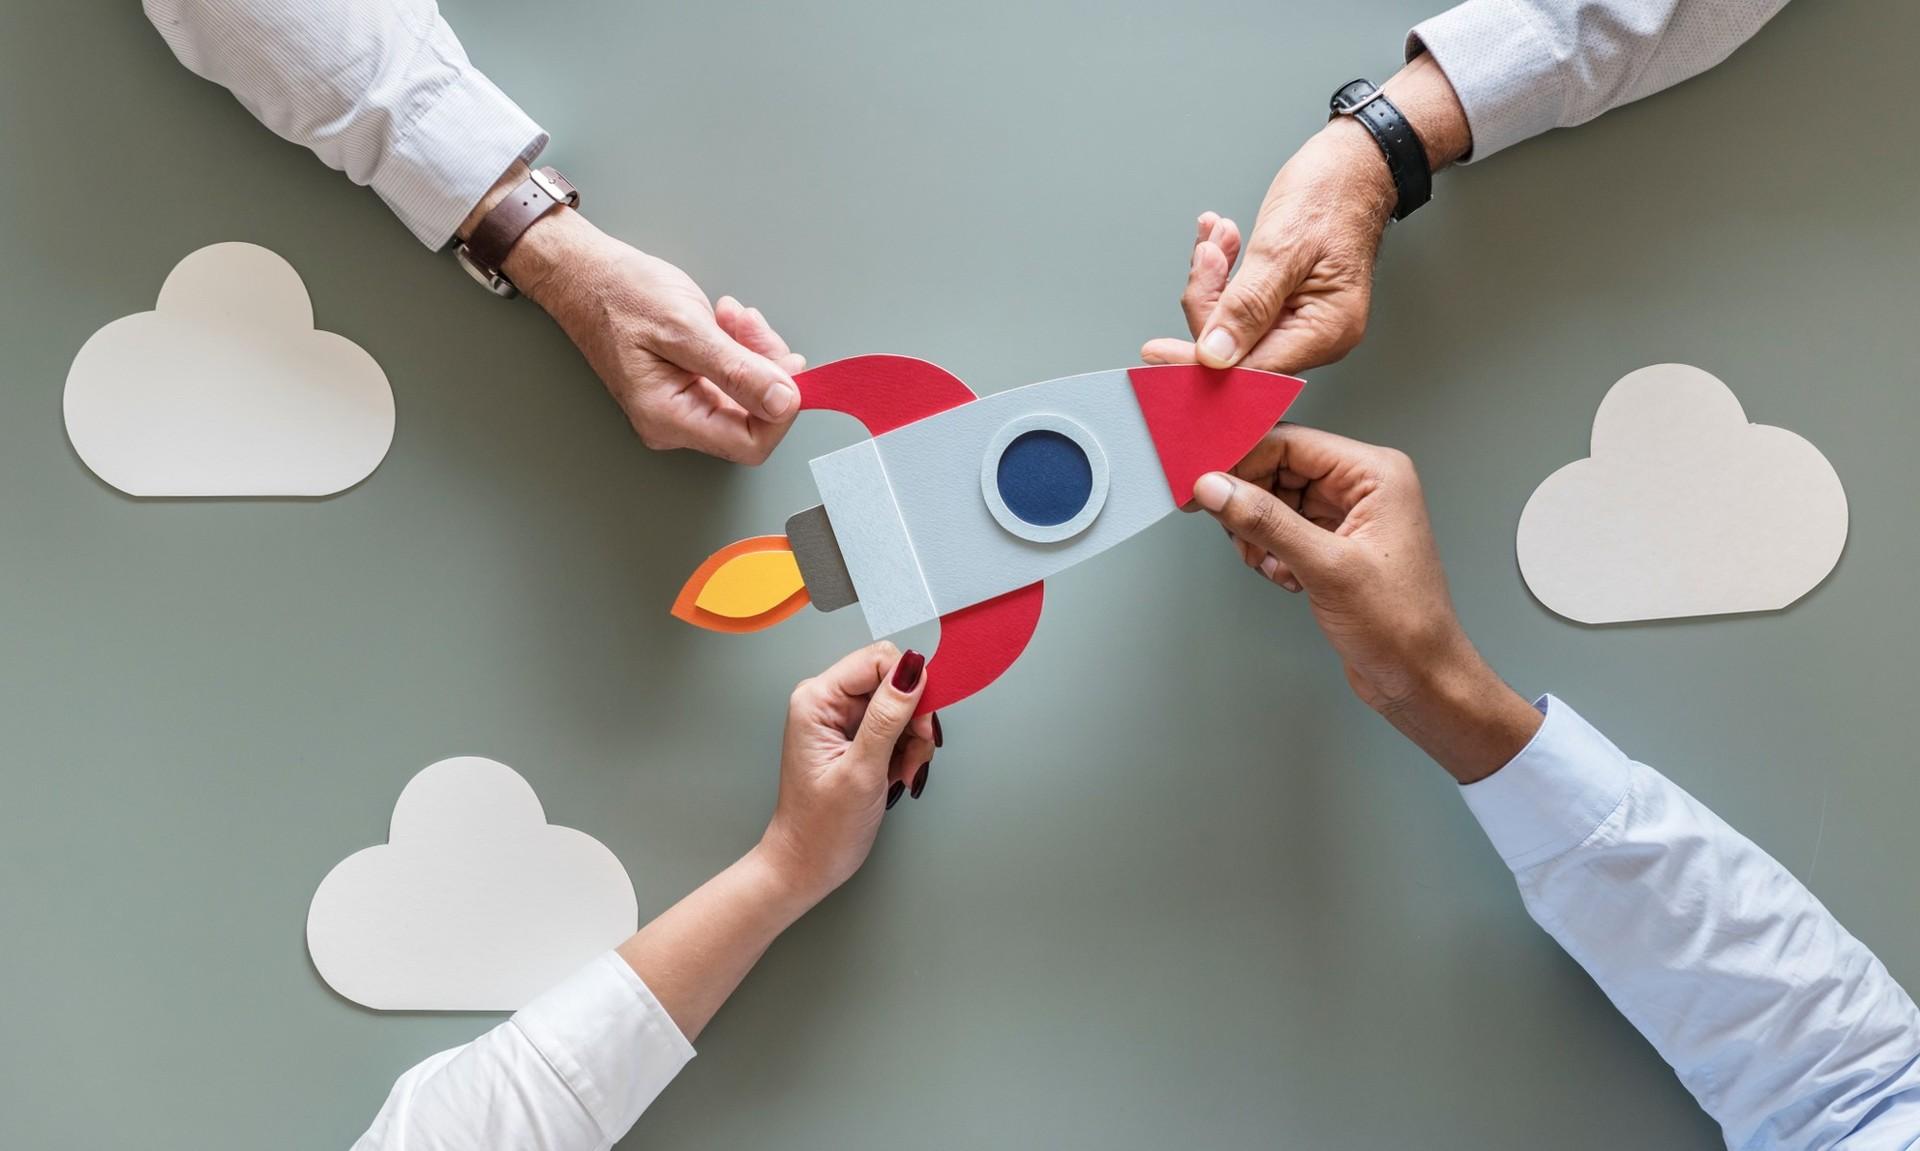 위너스샵은 혁신 비즈니스, 신사업 교육, 컨설팅 전문기업 위너스랩에서 운영합니다!